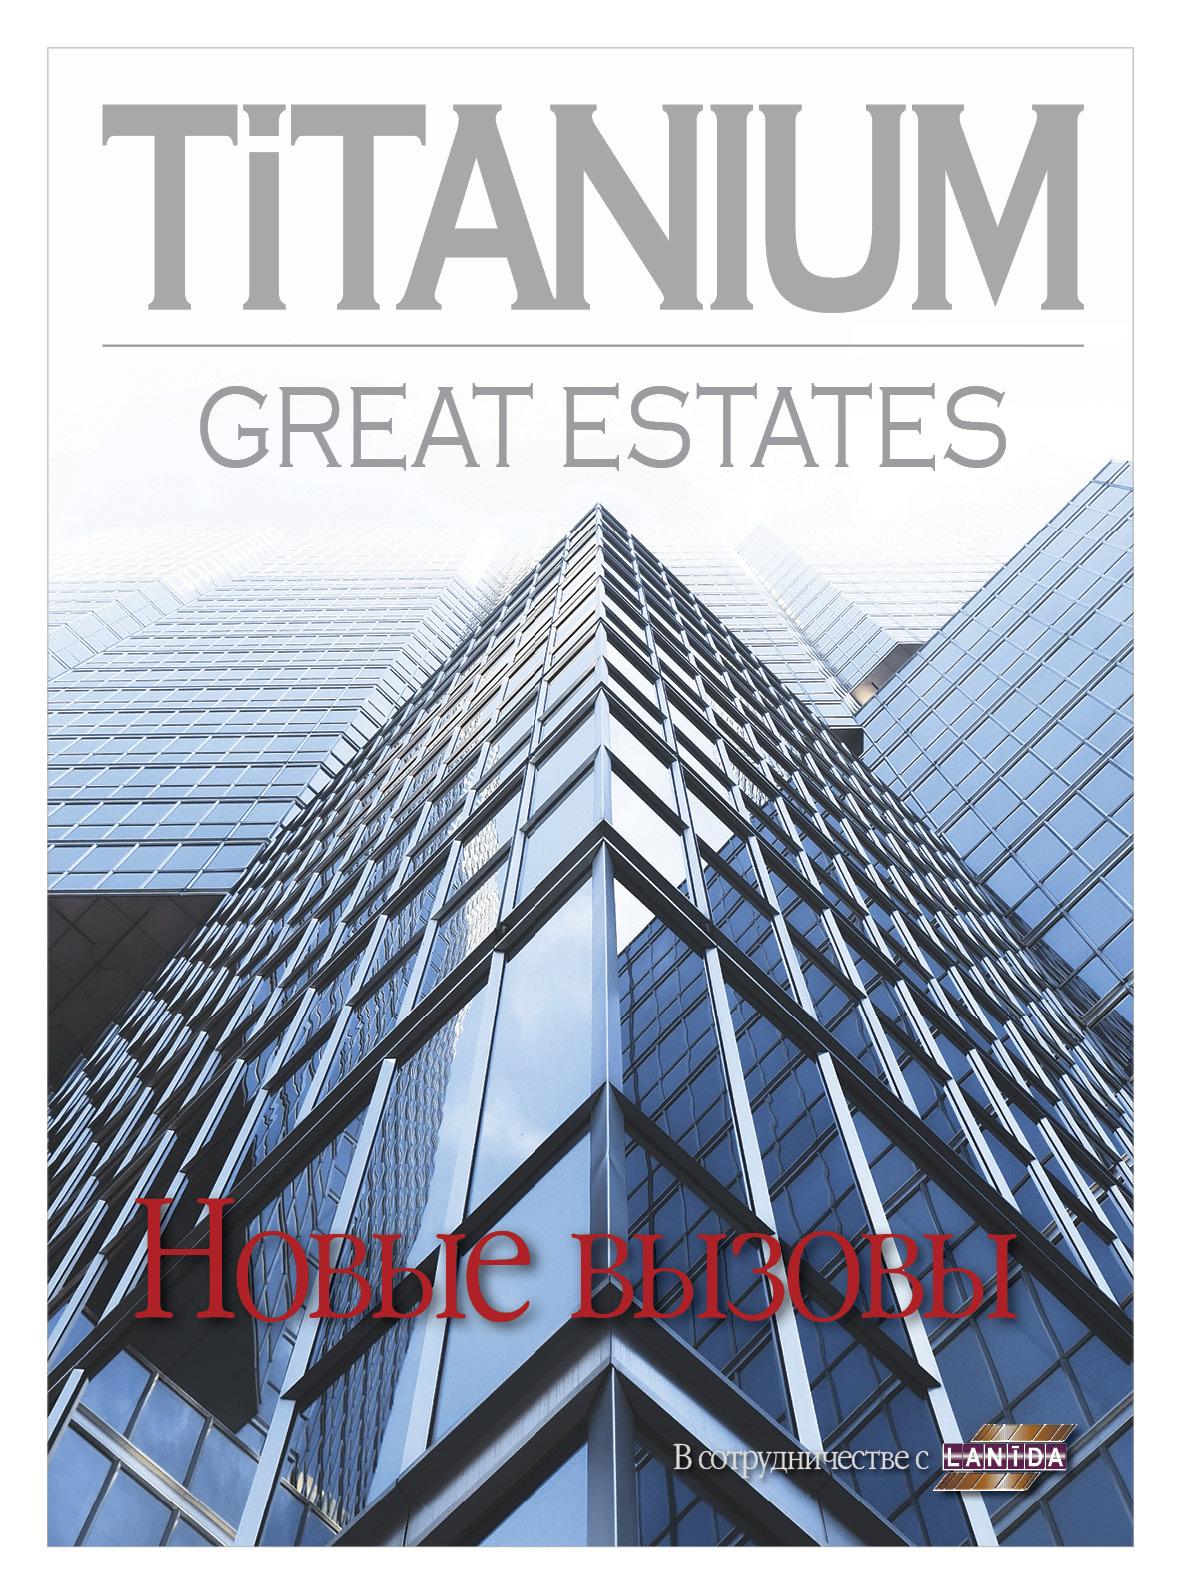 Great-estates